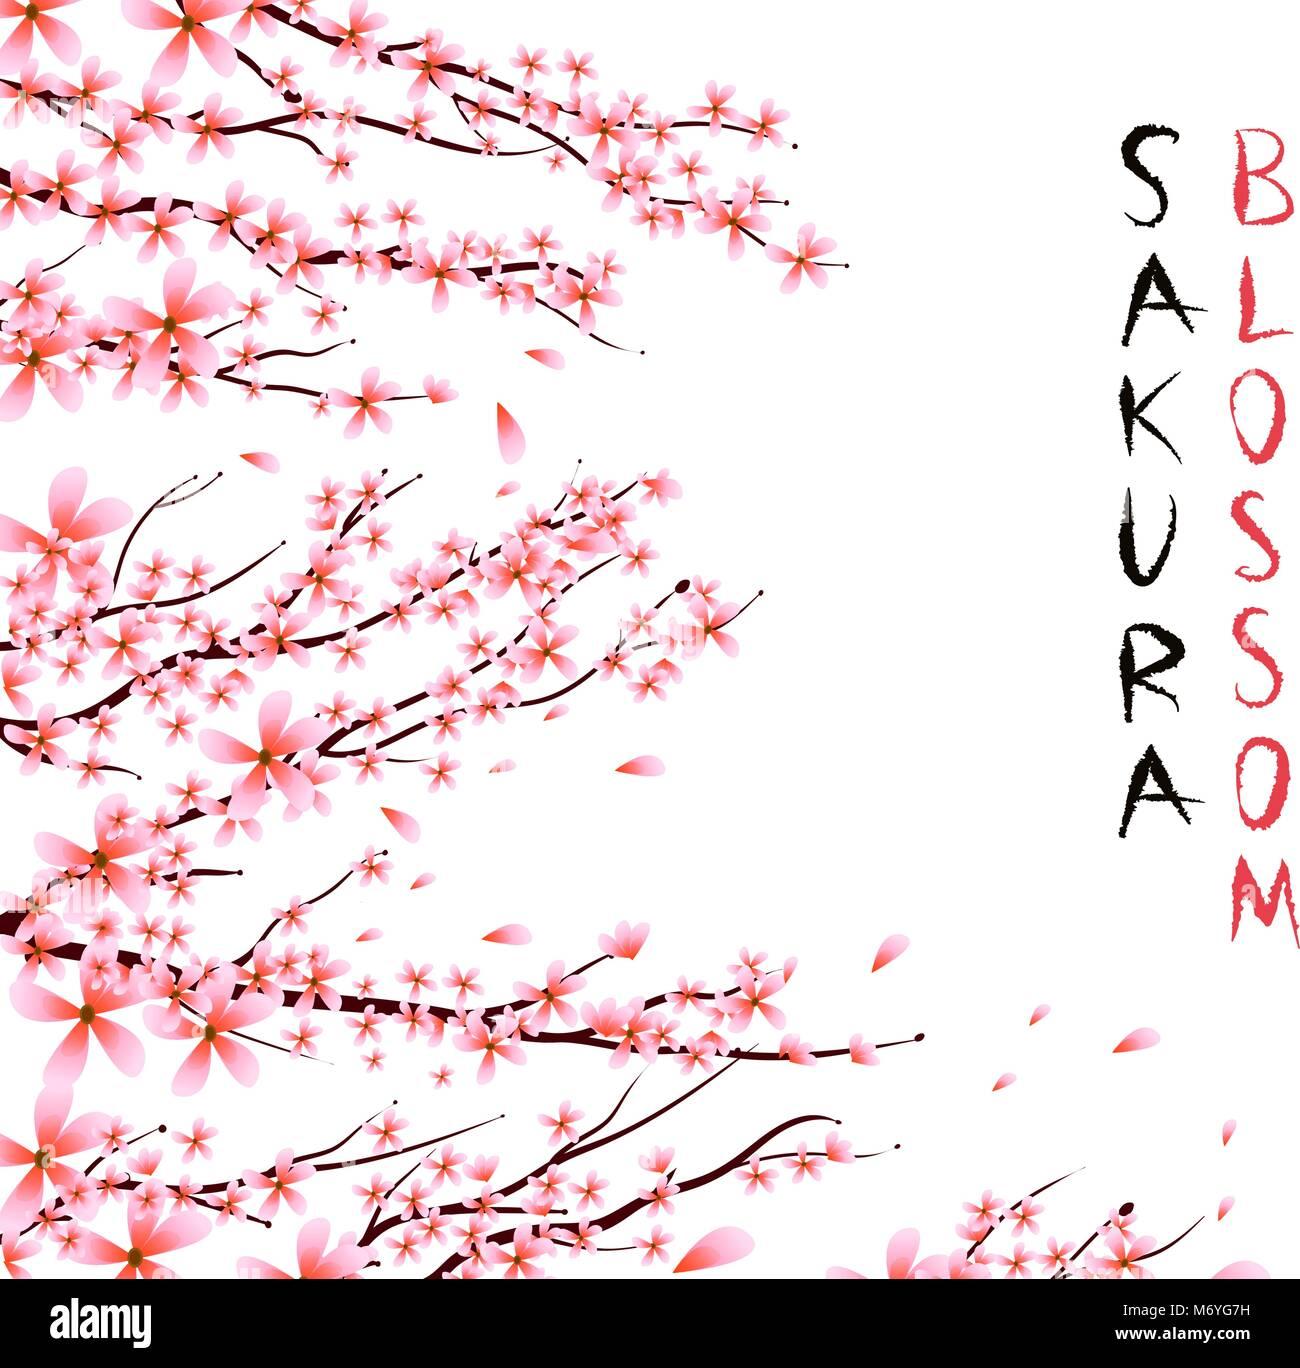 Cerisier Du Japon Sakura Branche Avec Fleurs La Direction De Sakura En Fleurs Rose Fleurs Illustration Vecteur De Printemps Image Vectorielle Stock Alamy